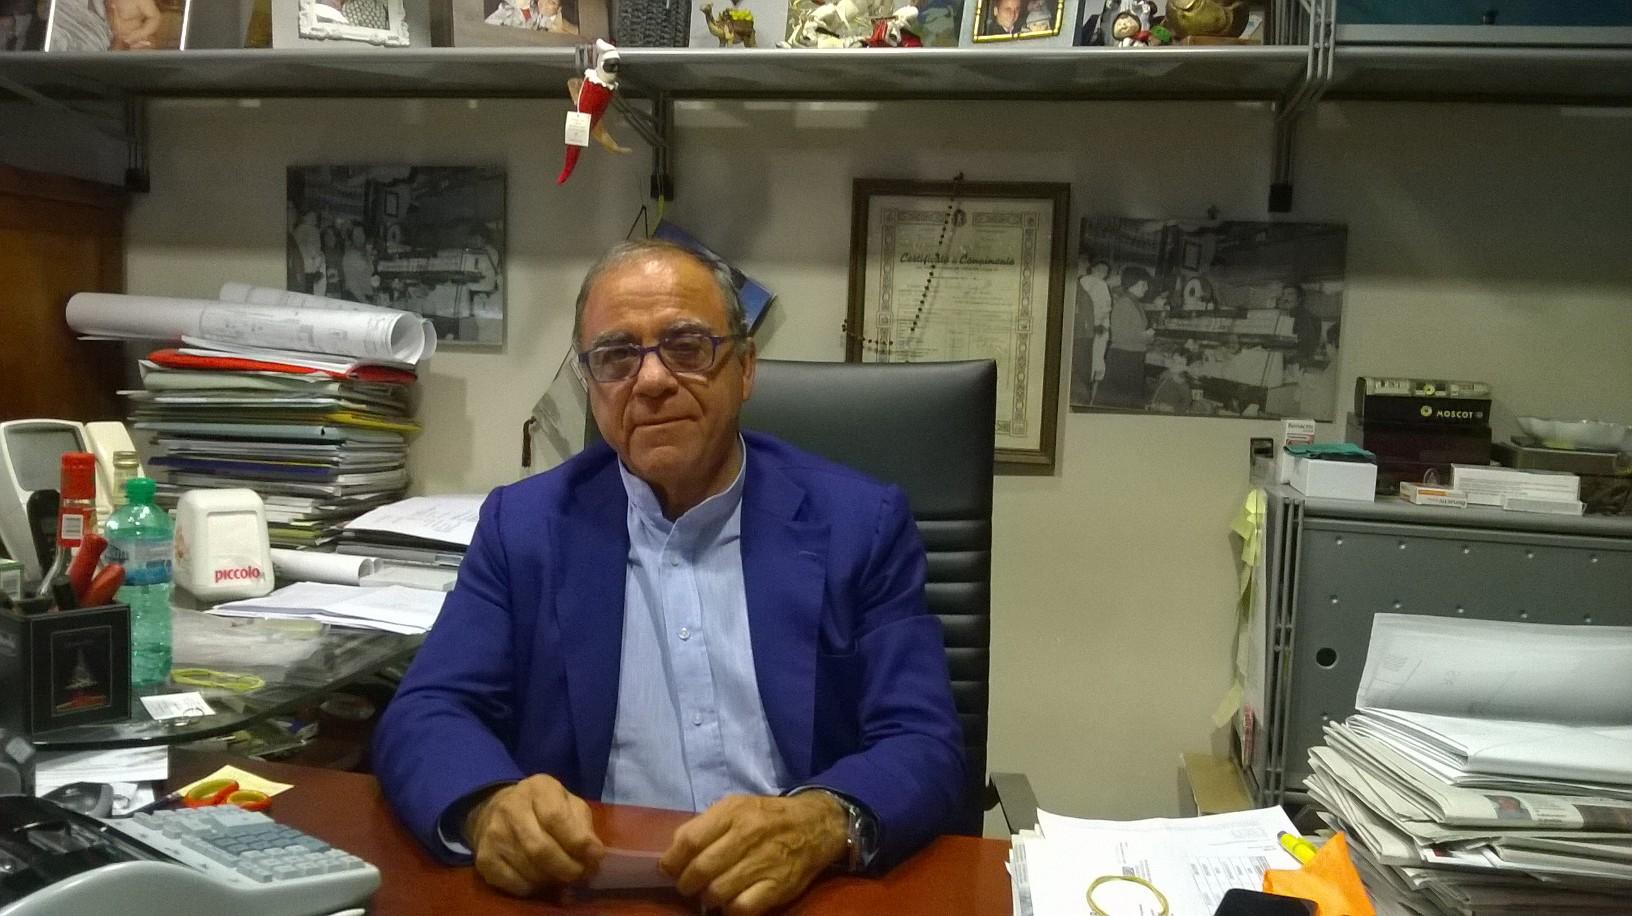 Parla Michele Piccolo, l'imprenditore che si è offerto di aiutare la famiglia di Korol